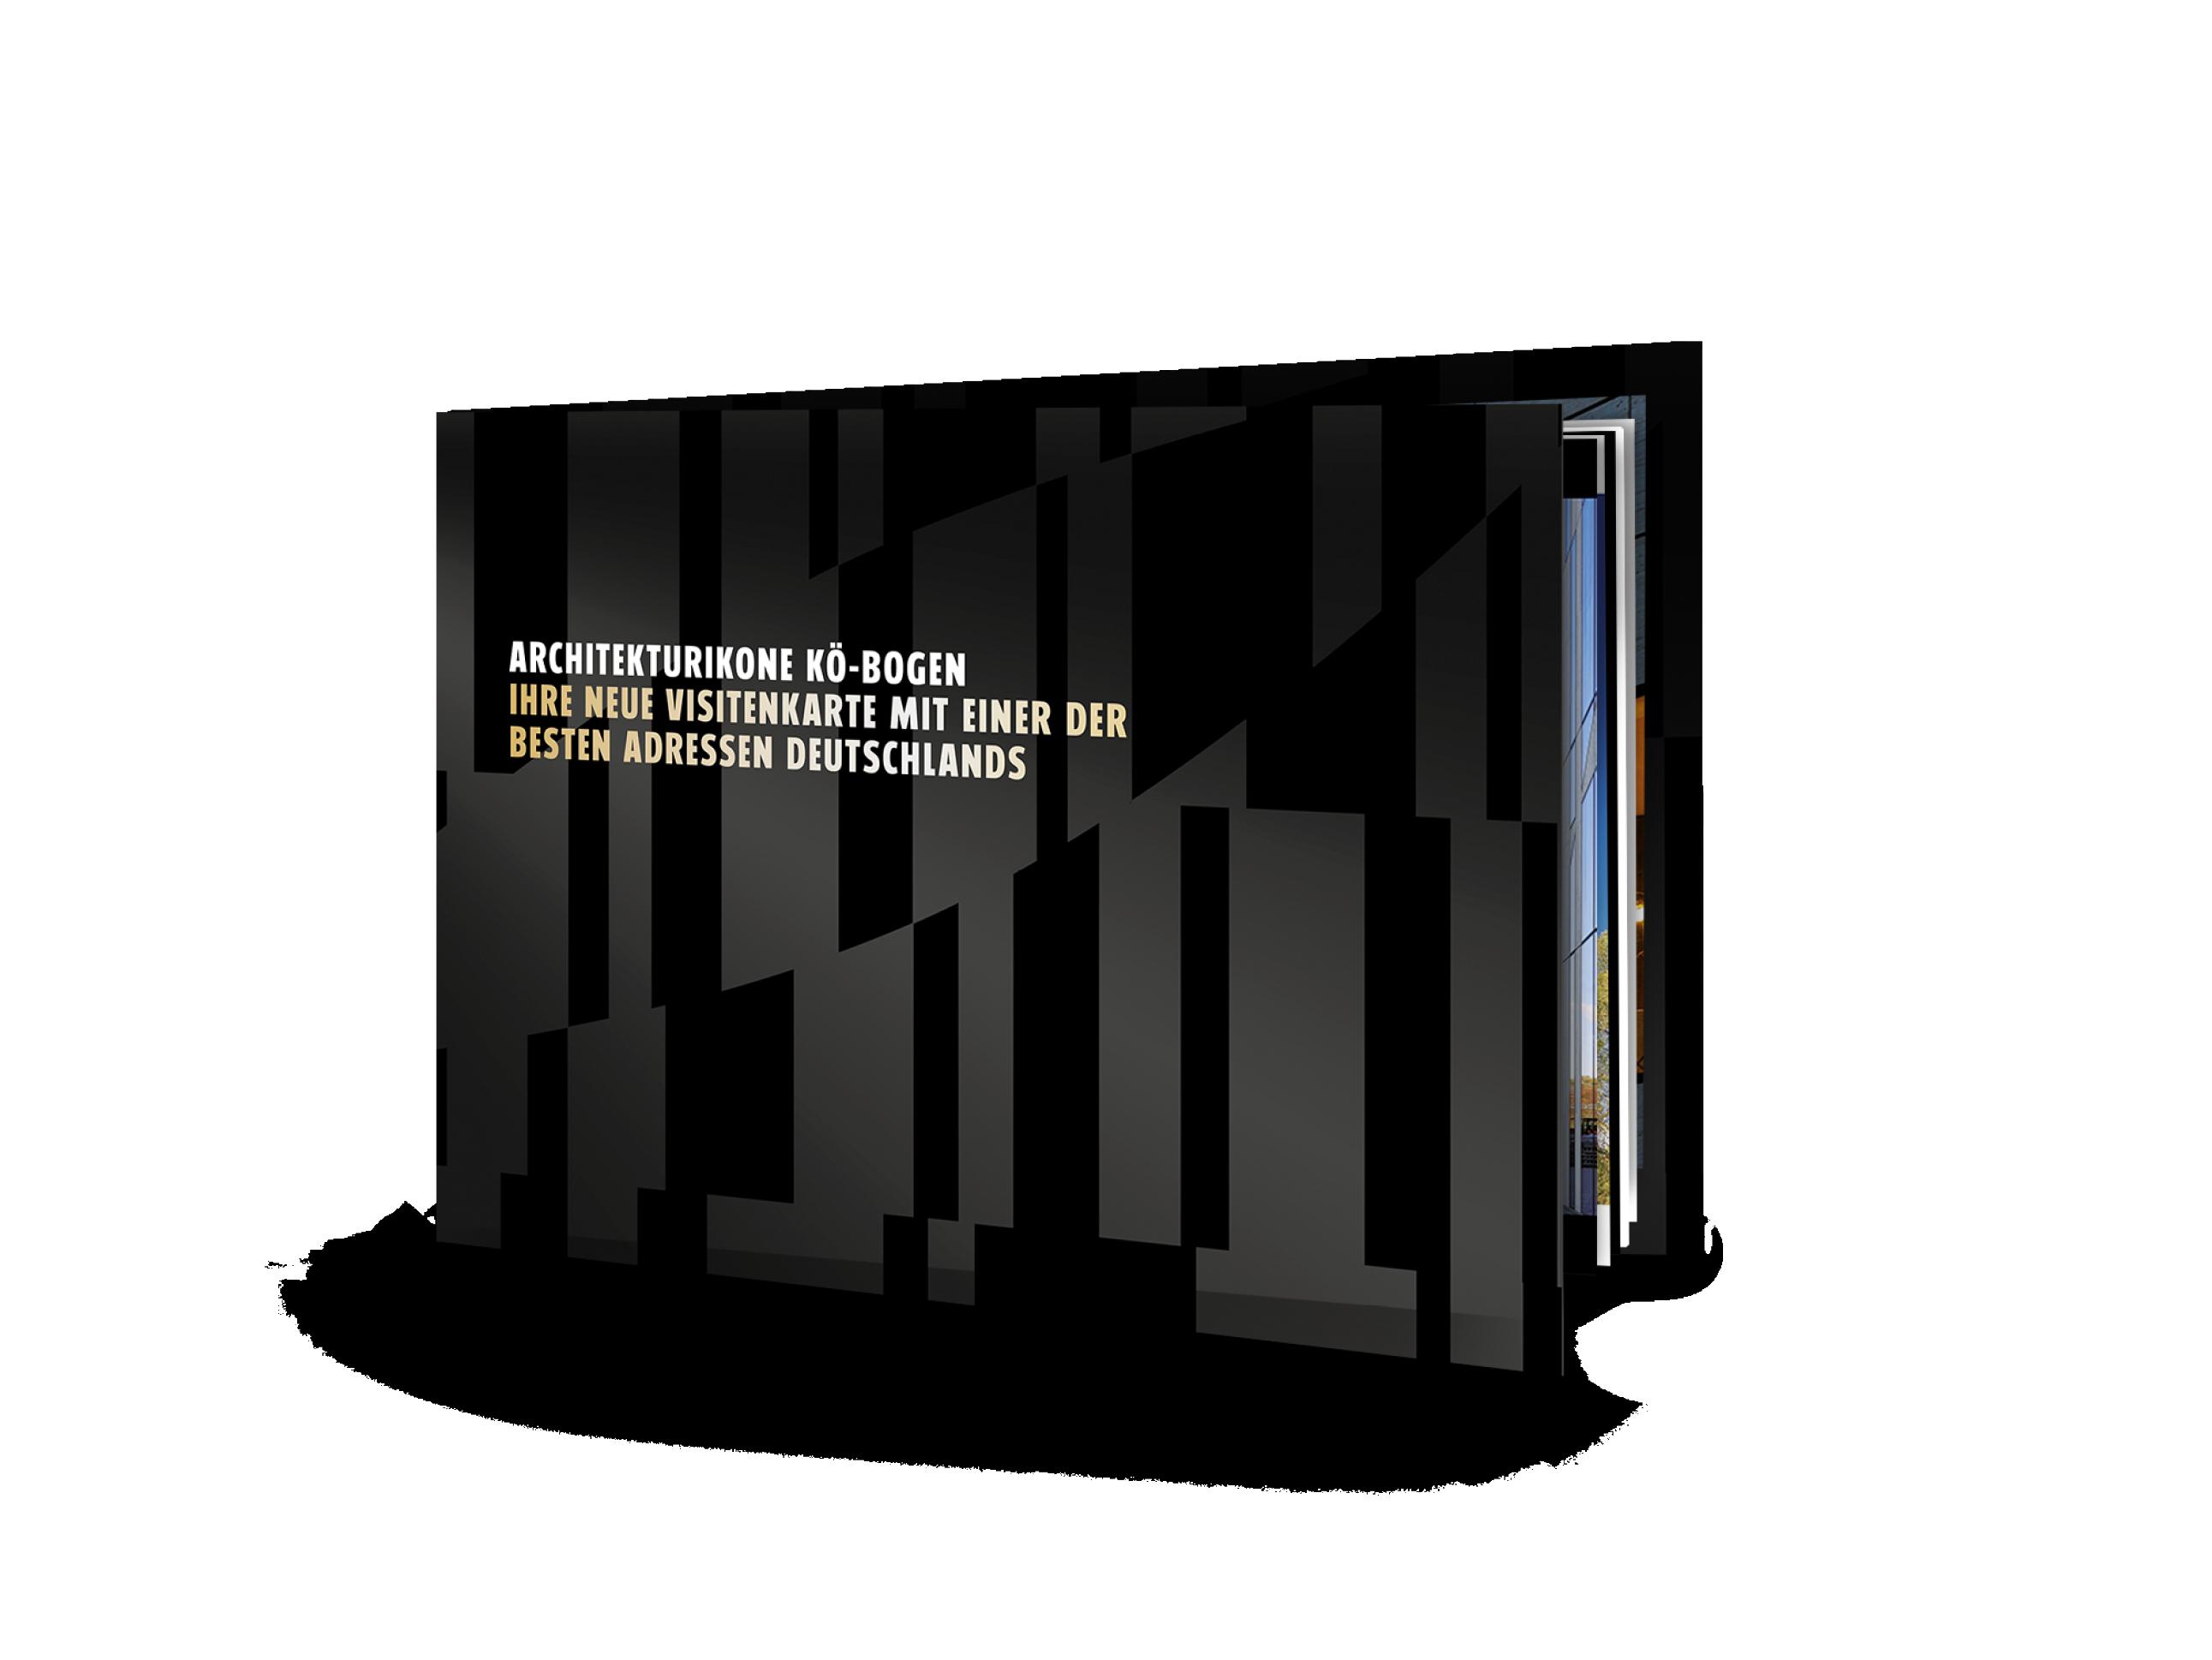 Titel des Vermarktungsexposes für die Gewerbeimmobilie und Marke Koe-Bogen